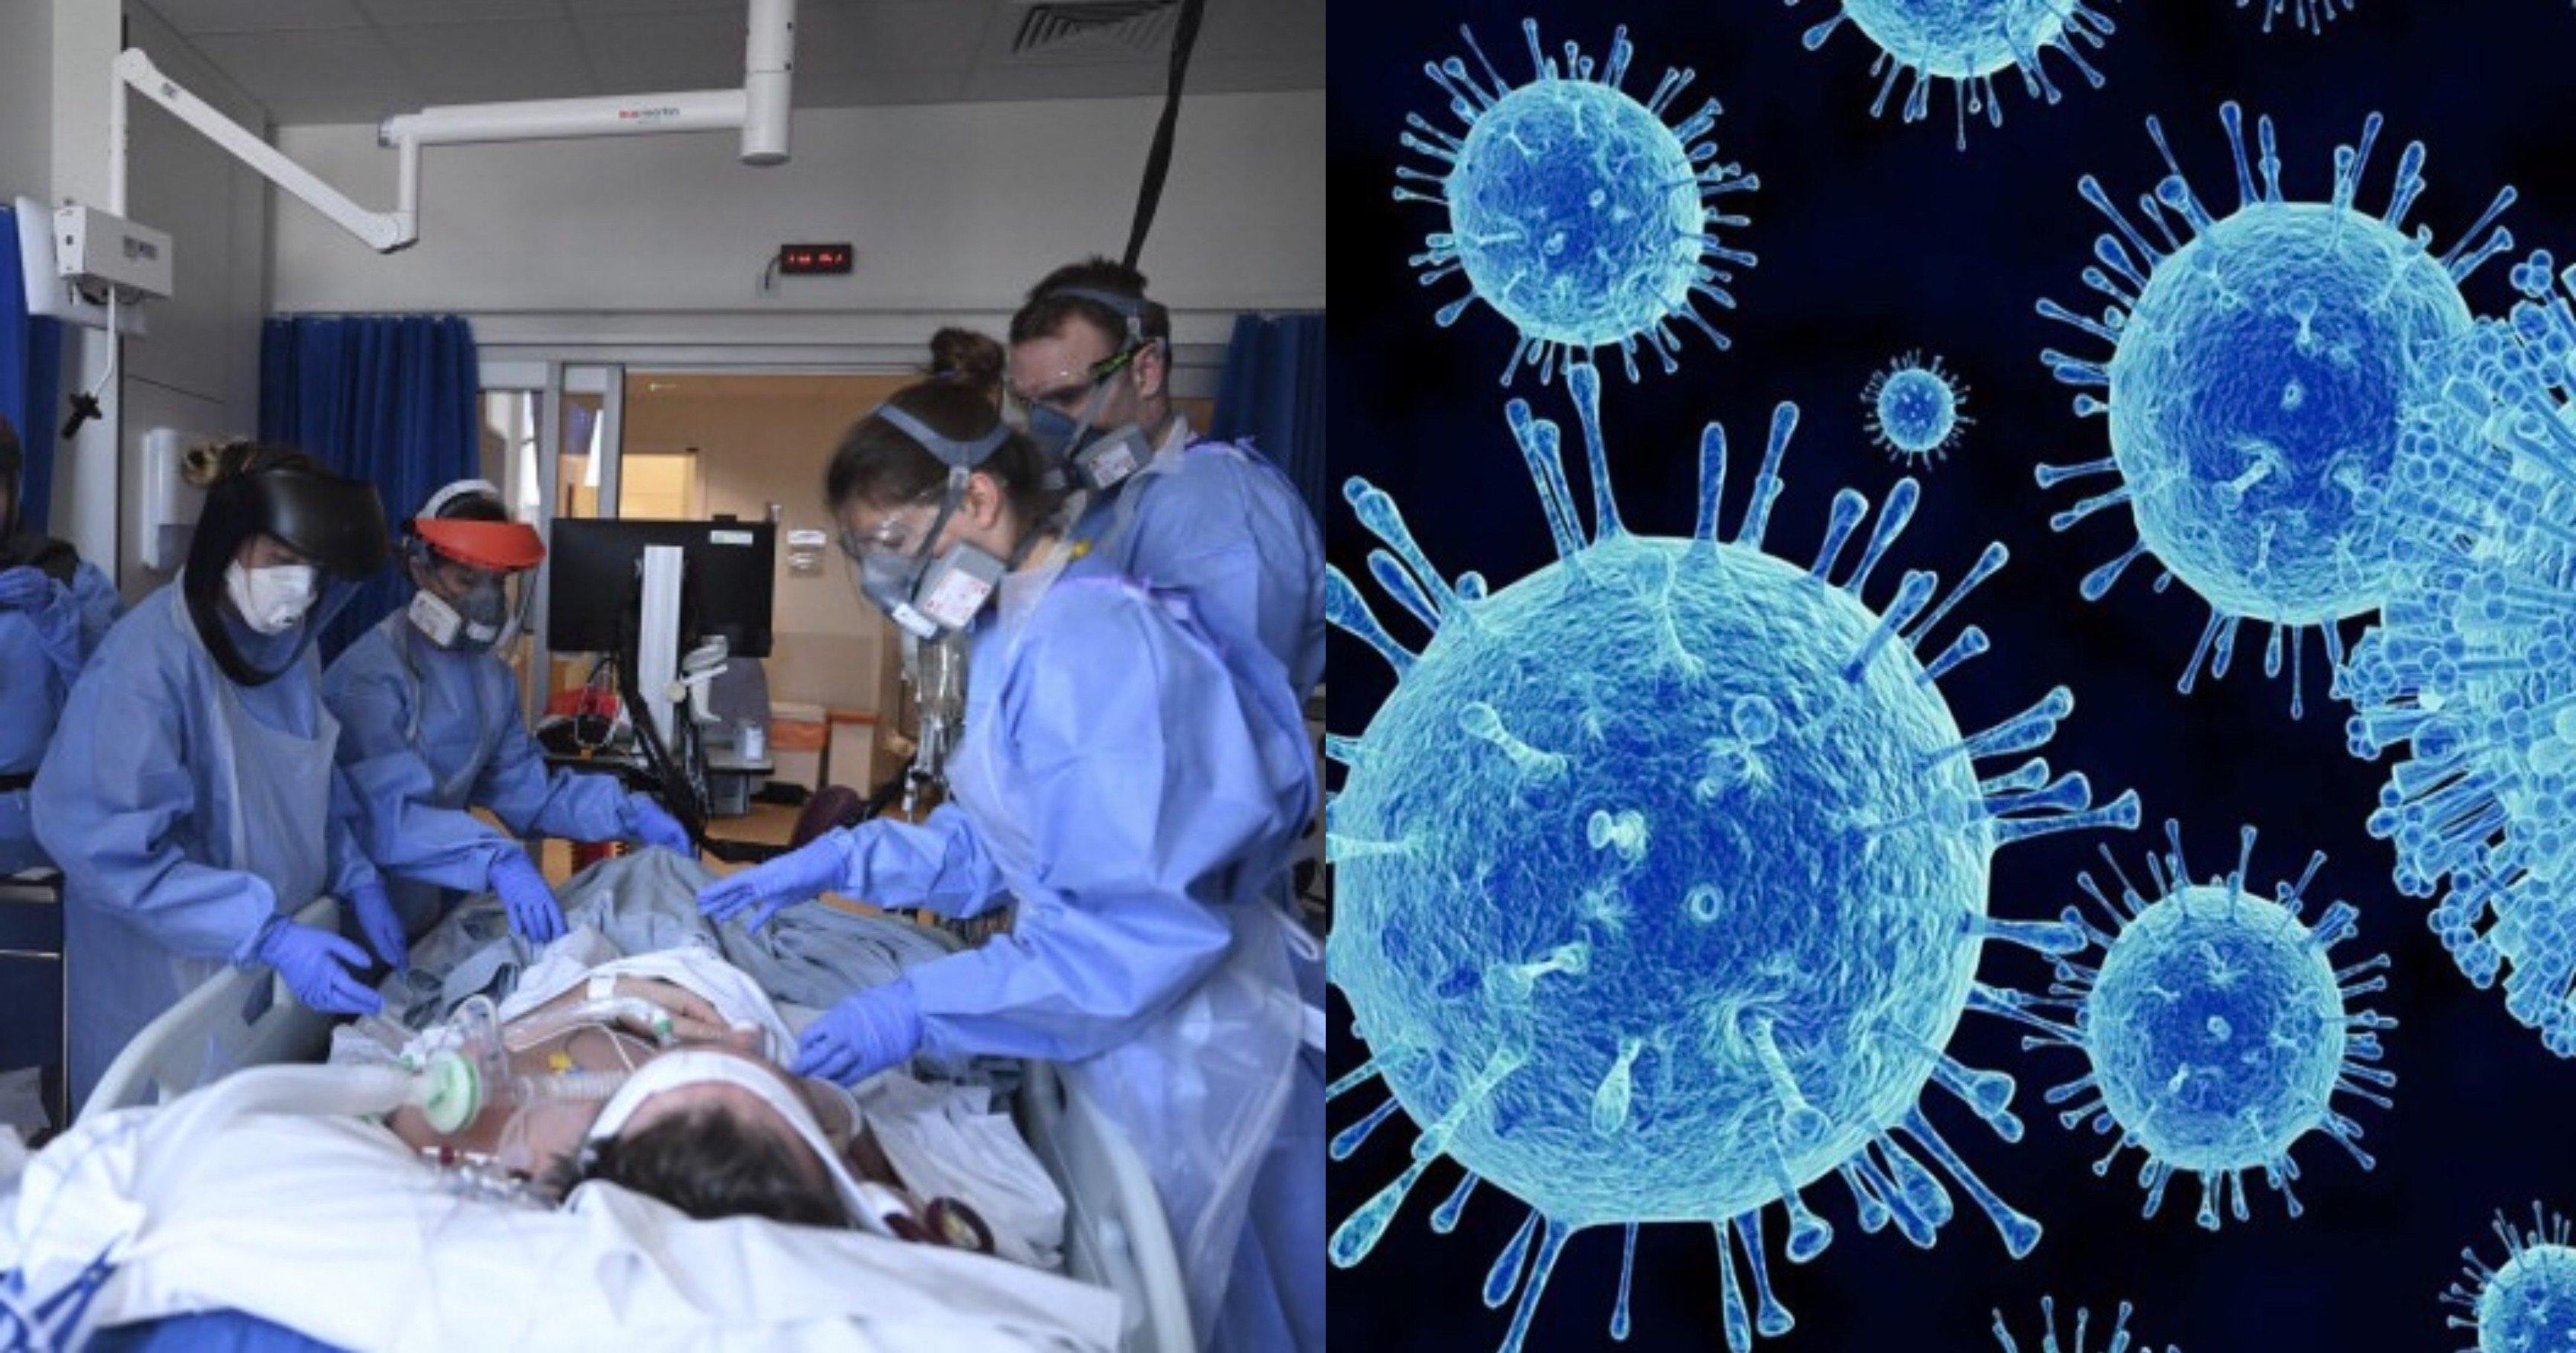 """fce725e4 f498 4a69 bdff bac62d1c5a35.jpg?resize=1200,630 - """"헐 또 다른 바이러스...?""""...새롭게 발견 된 사람에게도 전염시키는 새로운 '바이러스'의 정체"""